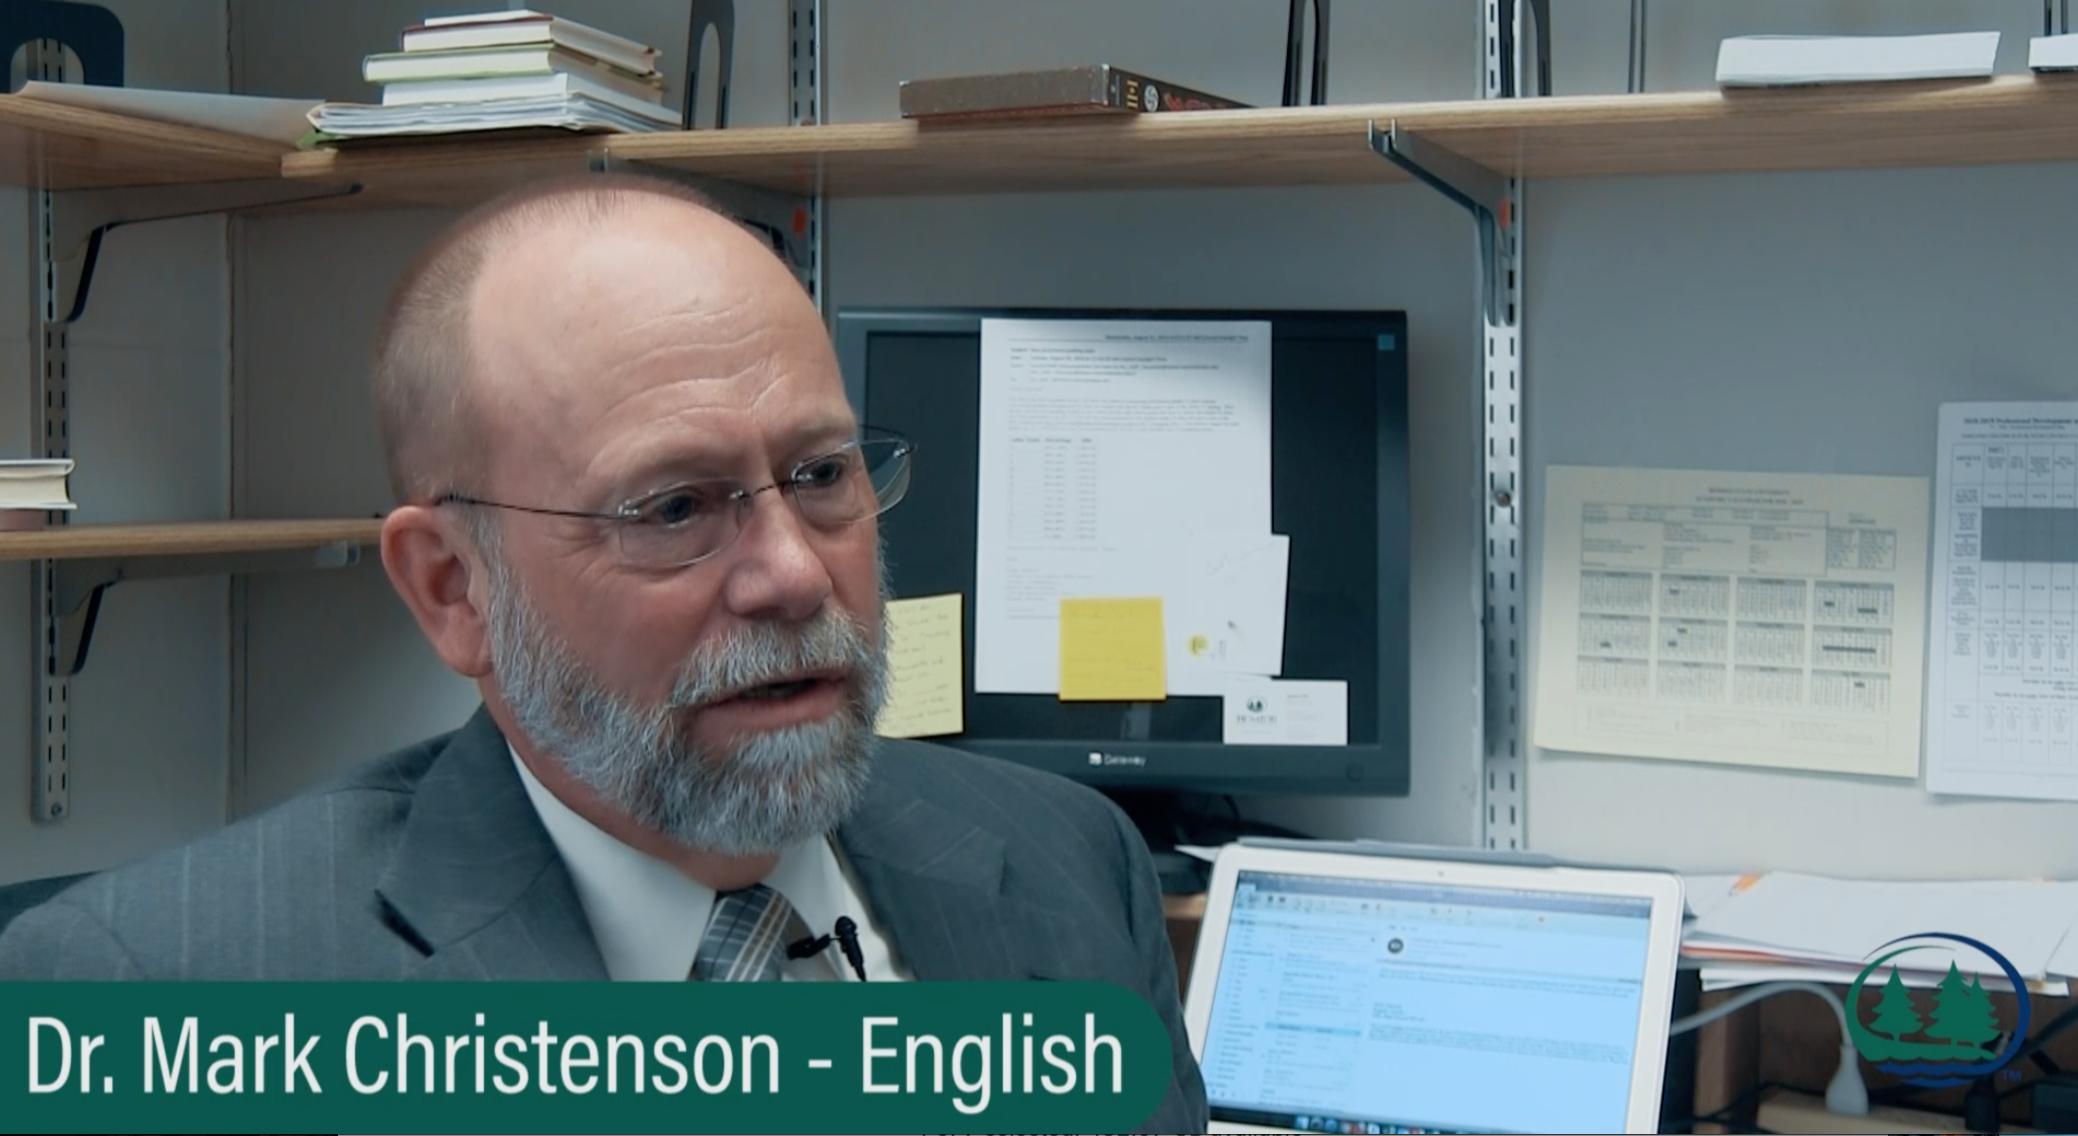 Dr. Mark Christenson